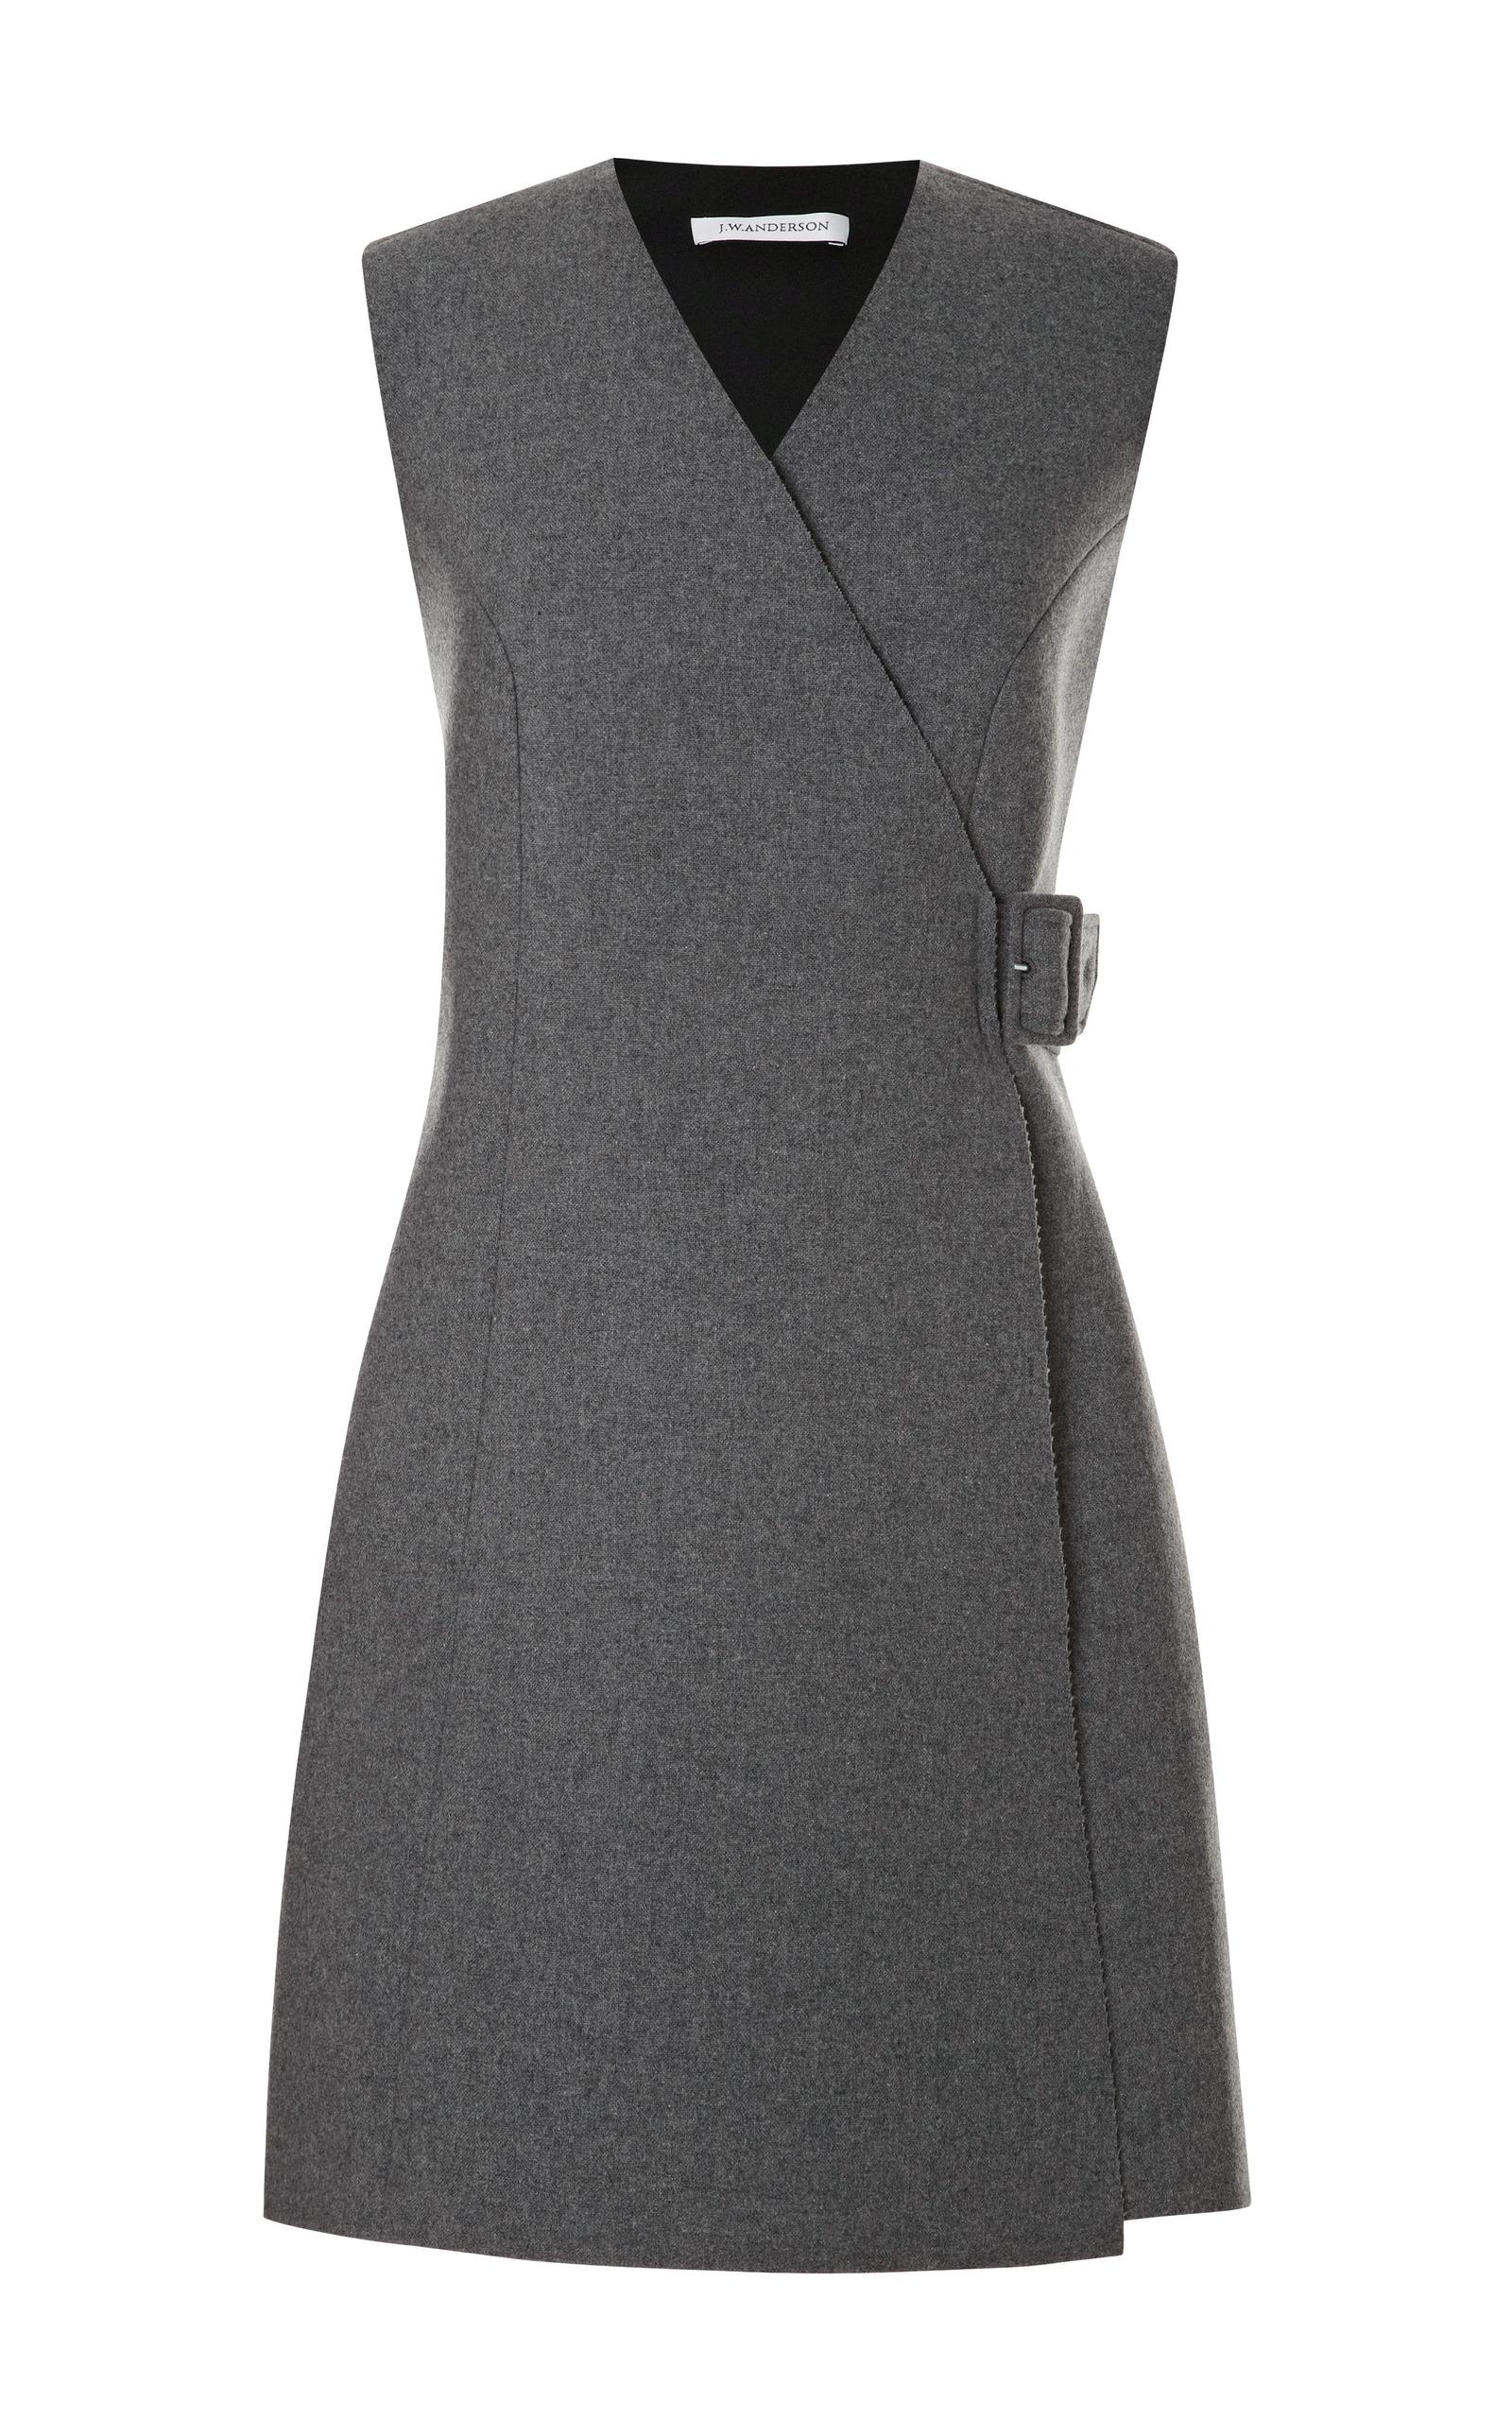 8f7413a613247 JW AndersonBonded Neoprene Wool Dress. CLOSE. Loading